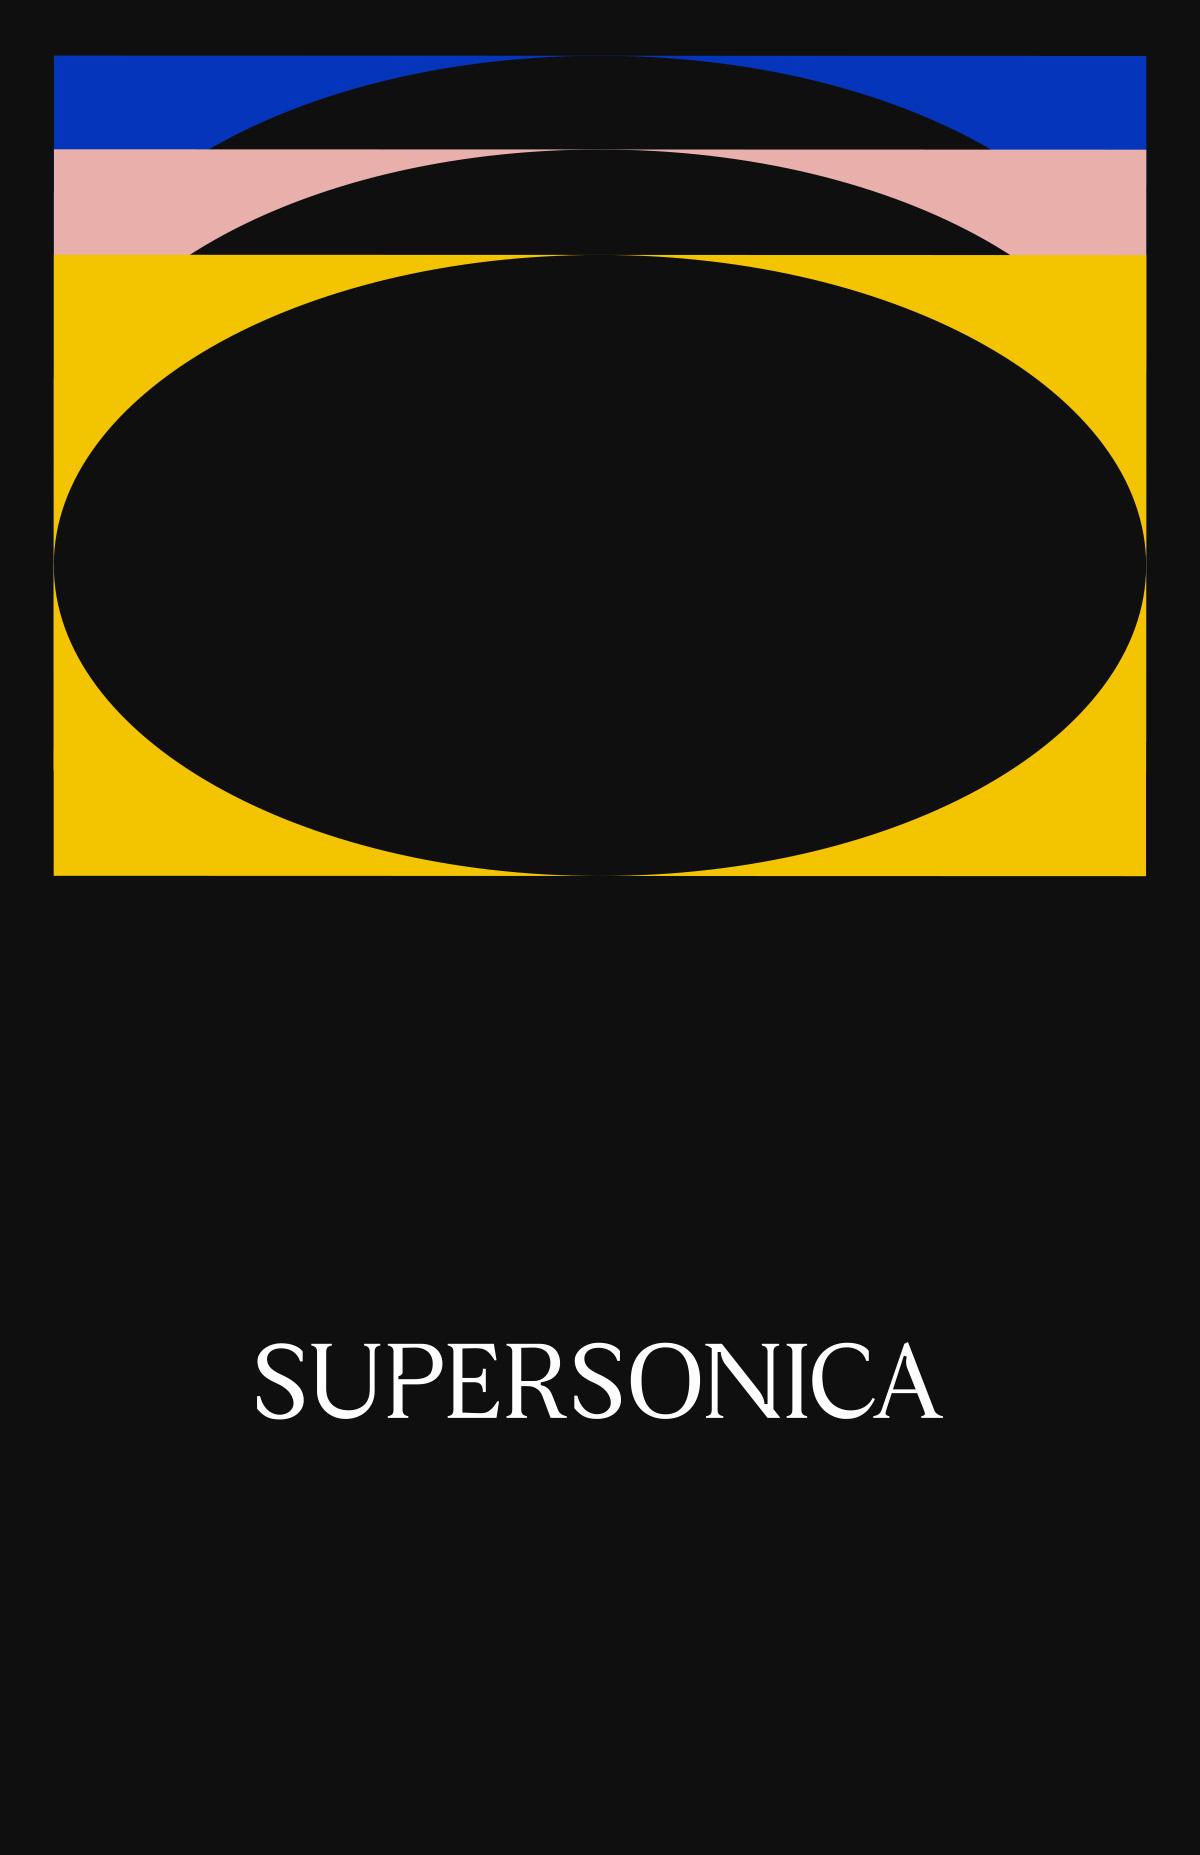 SUPERSONICA_cartaz_preto2